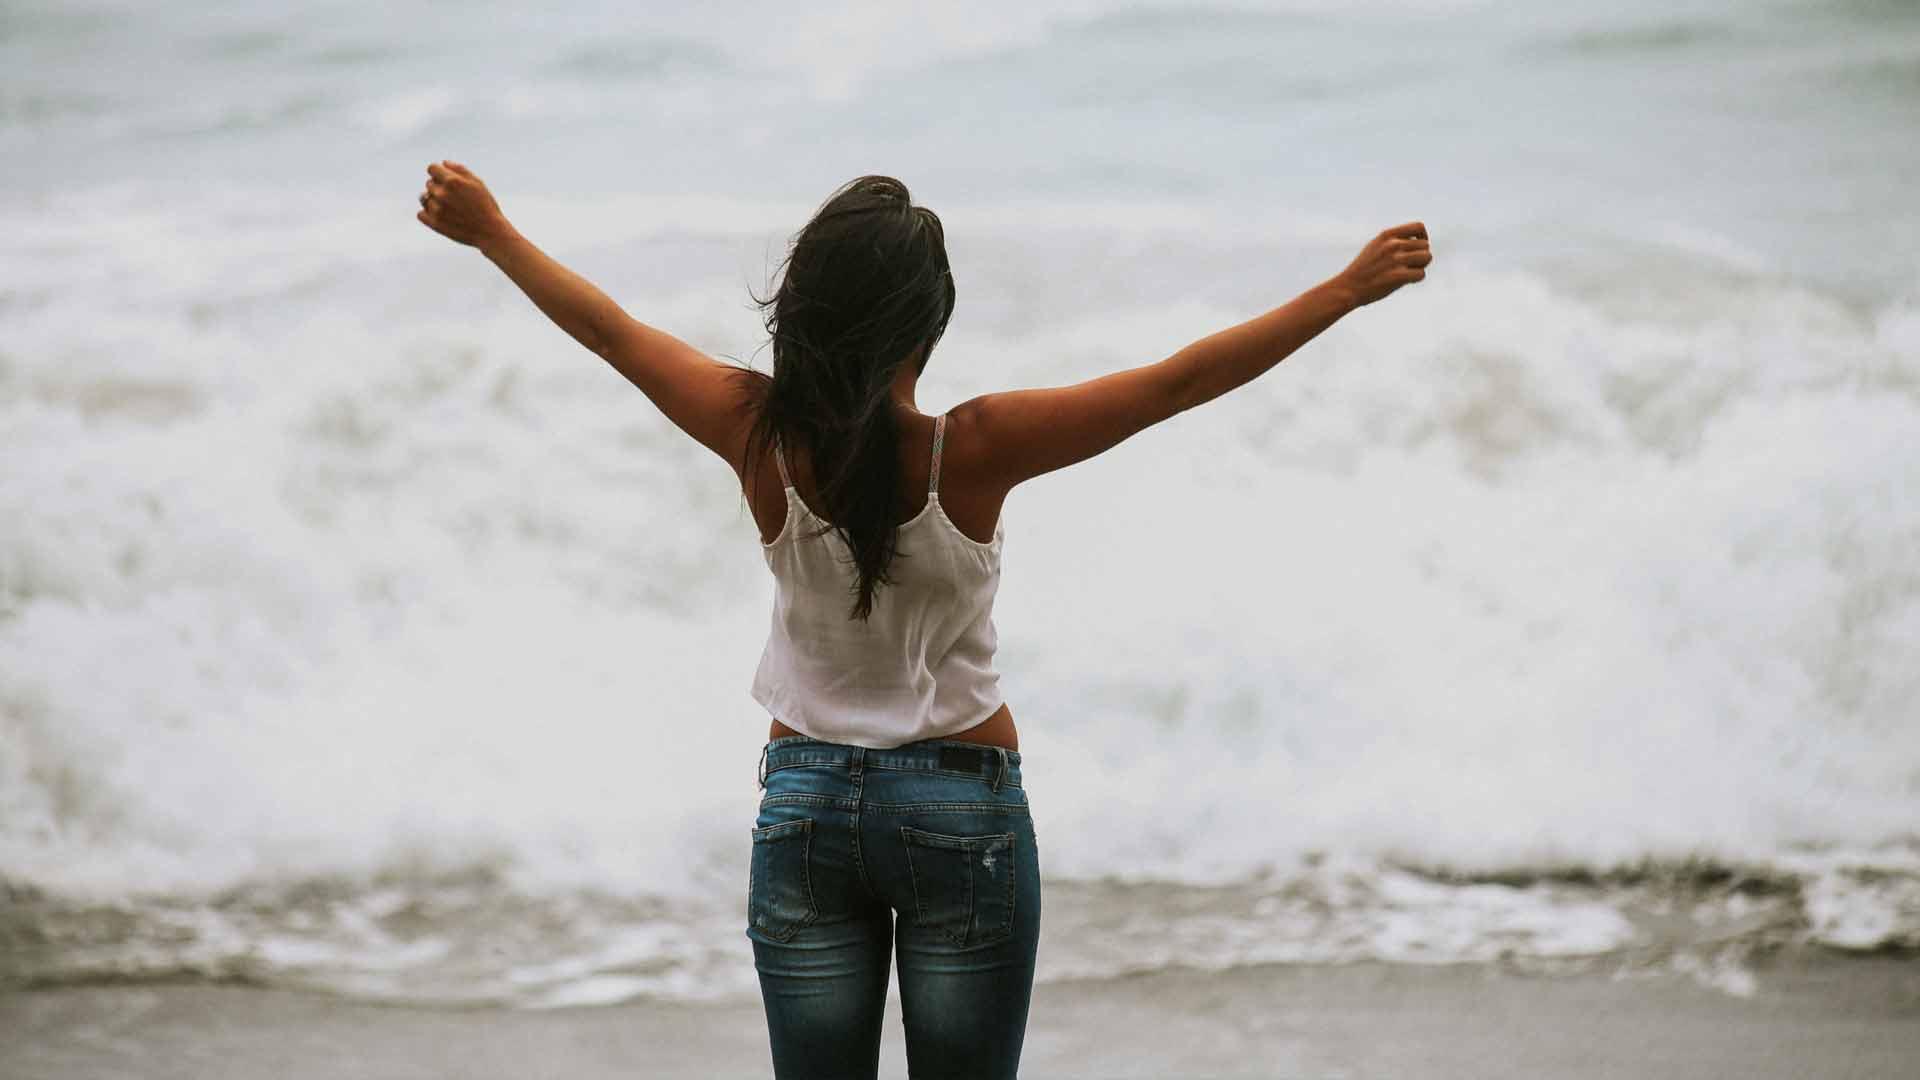 se sentindo livre por viajar sozinha